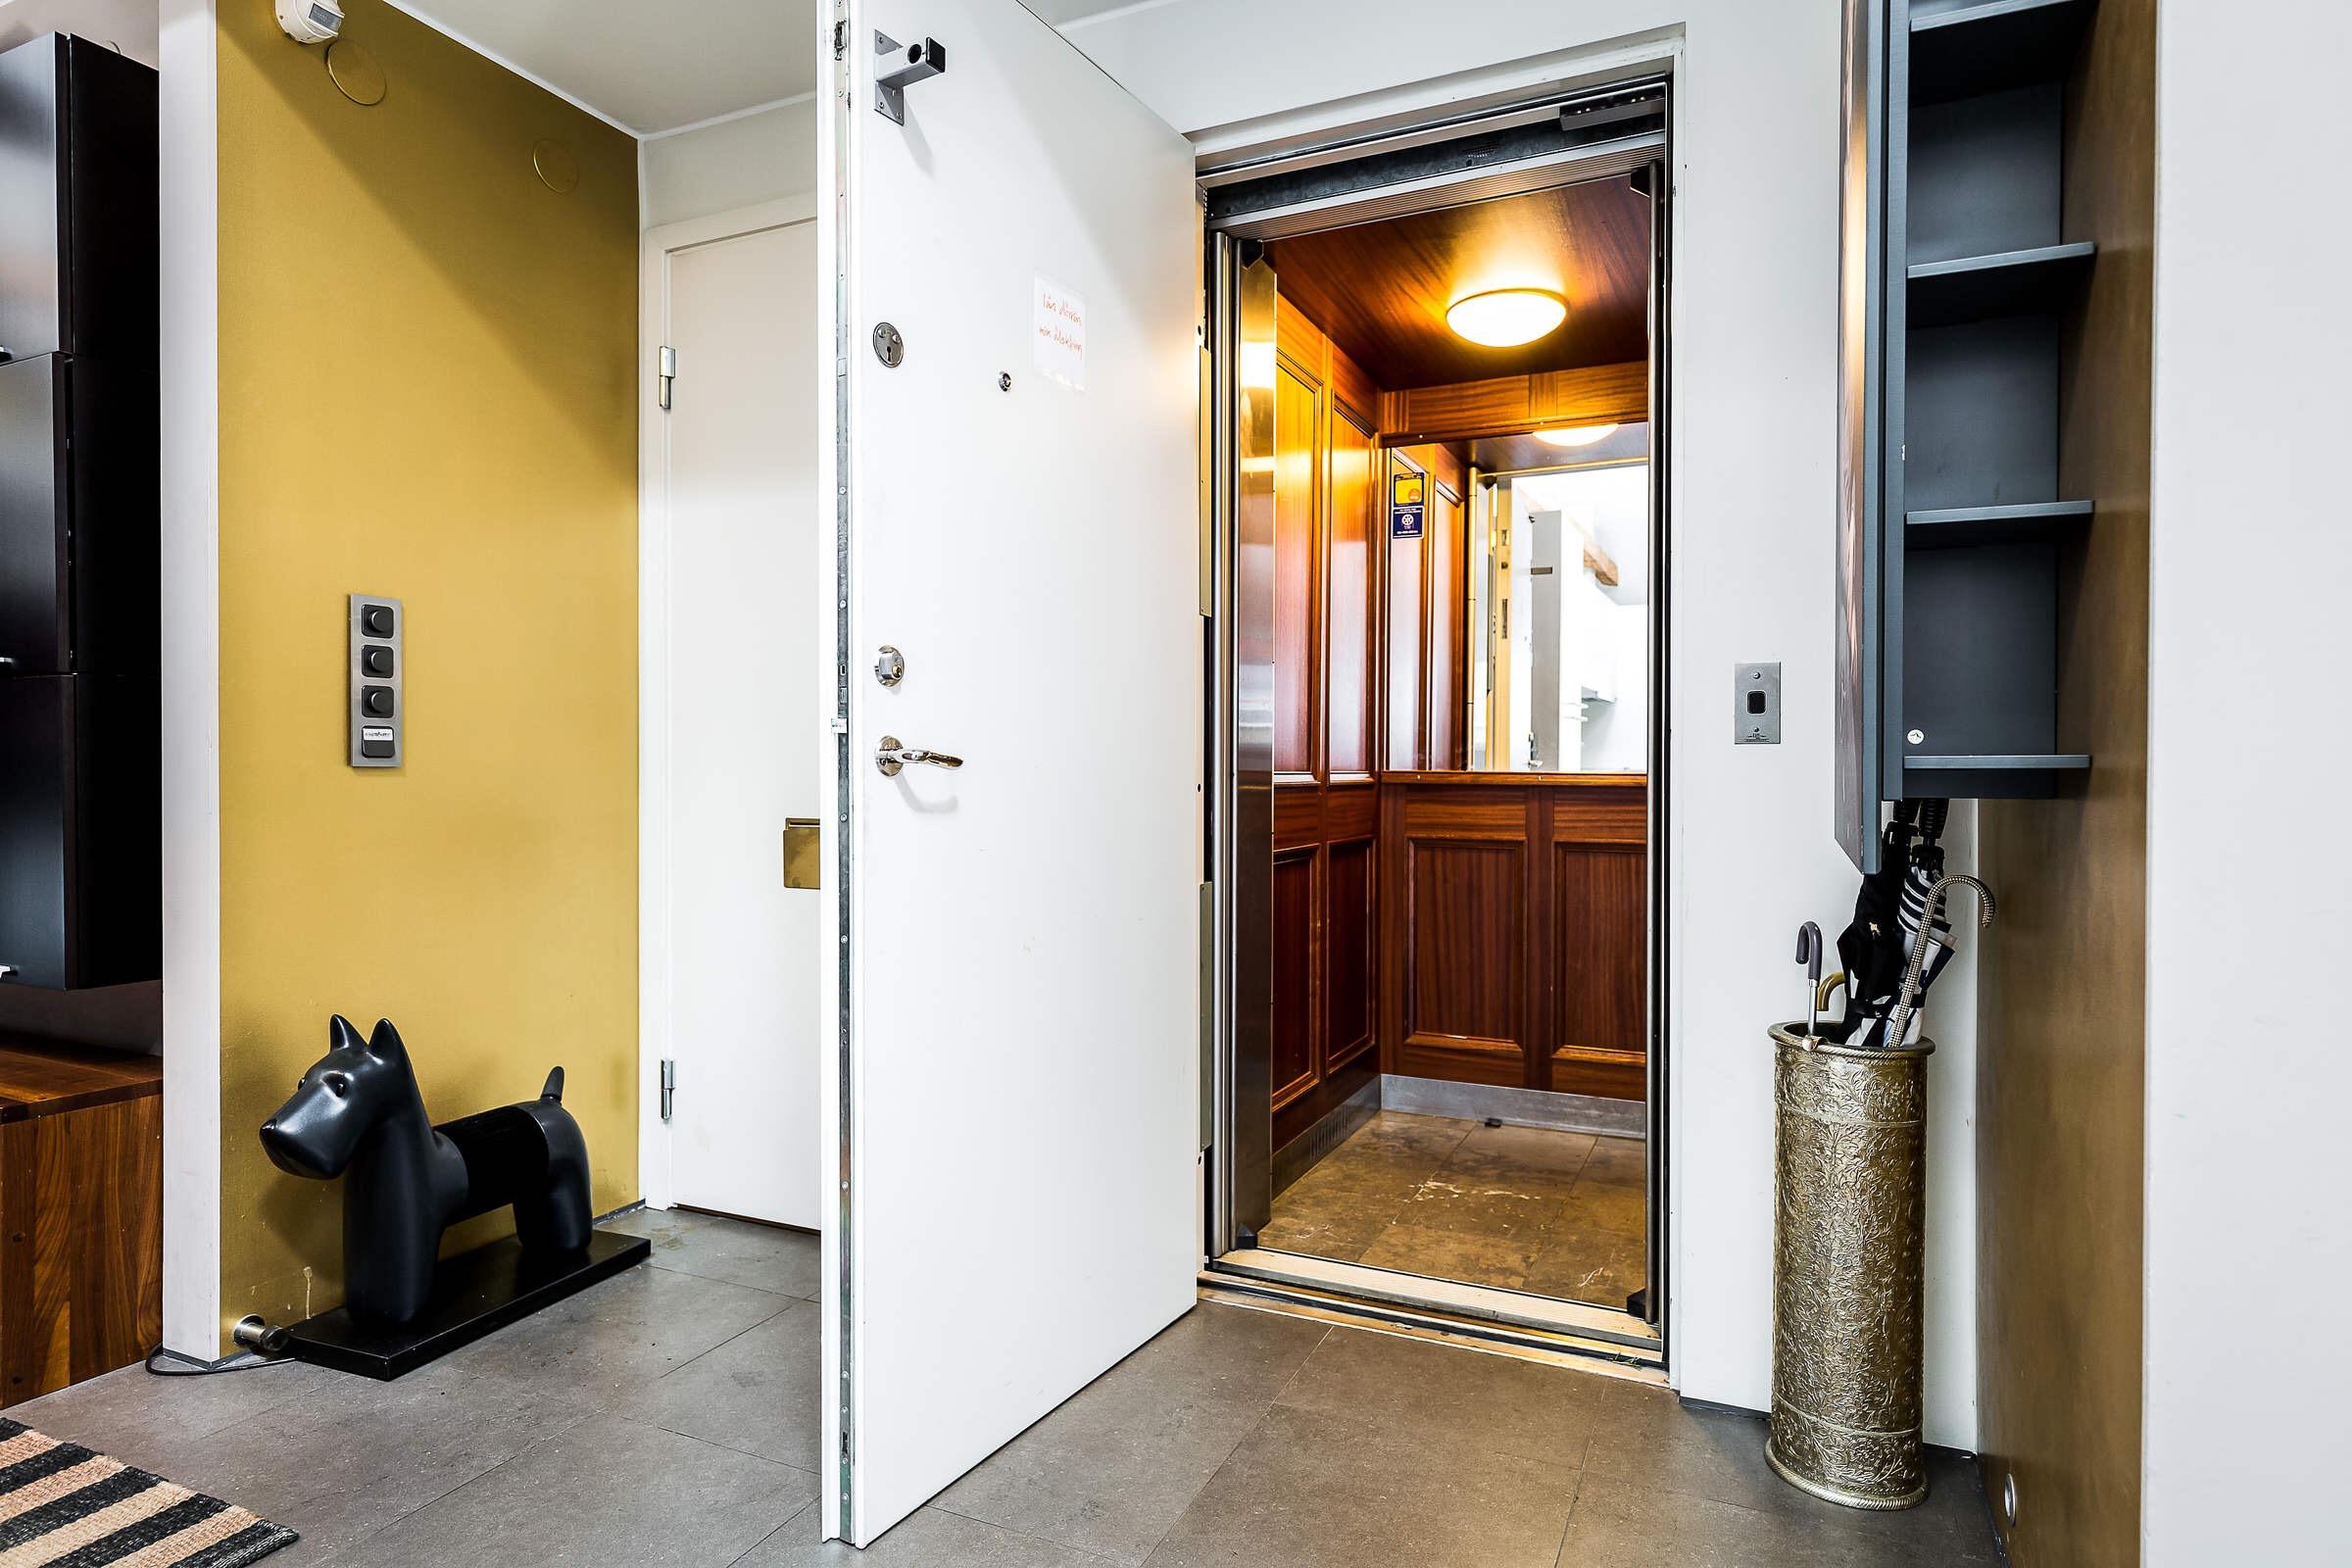 входная дверь лифт пентхаус